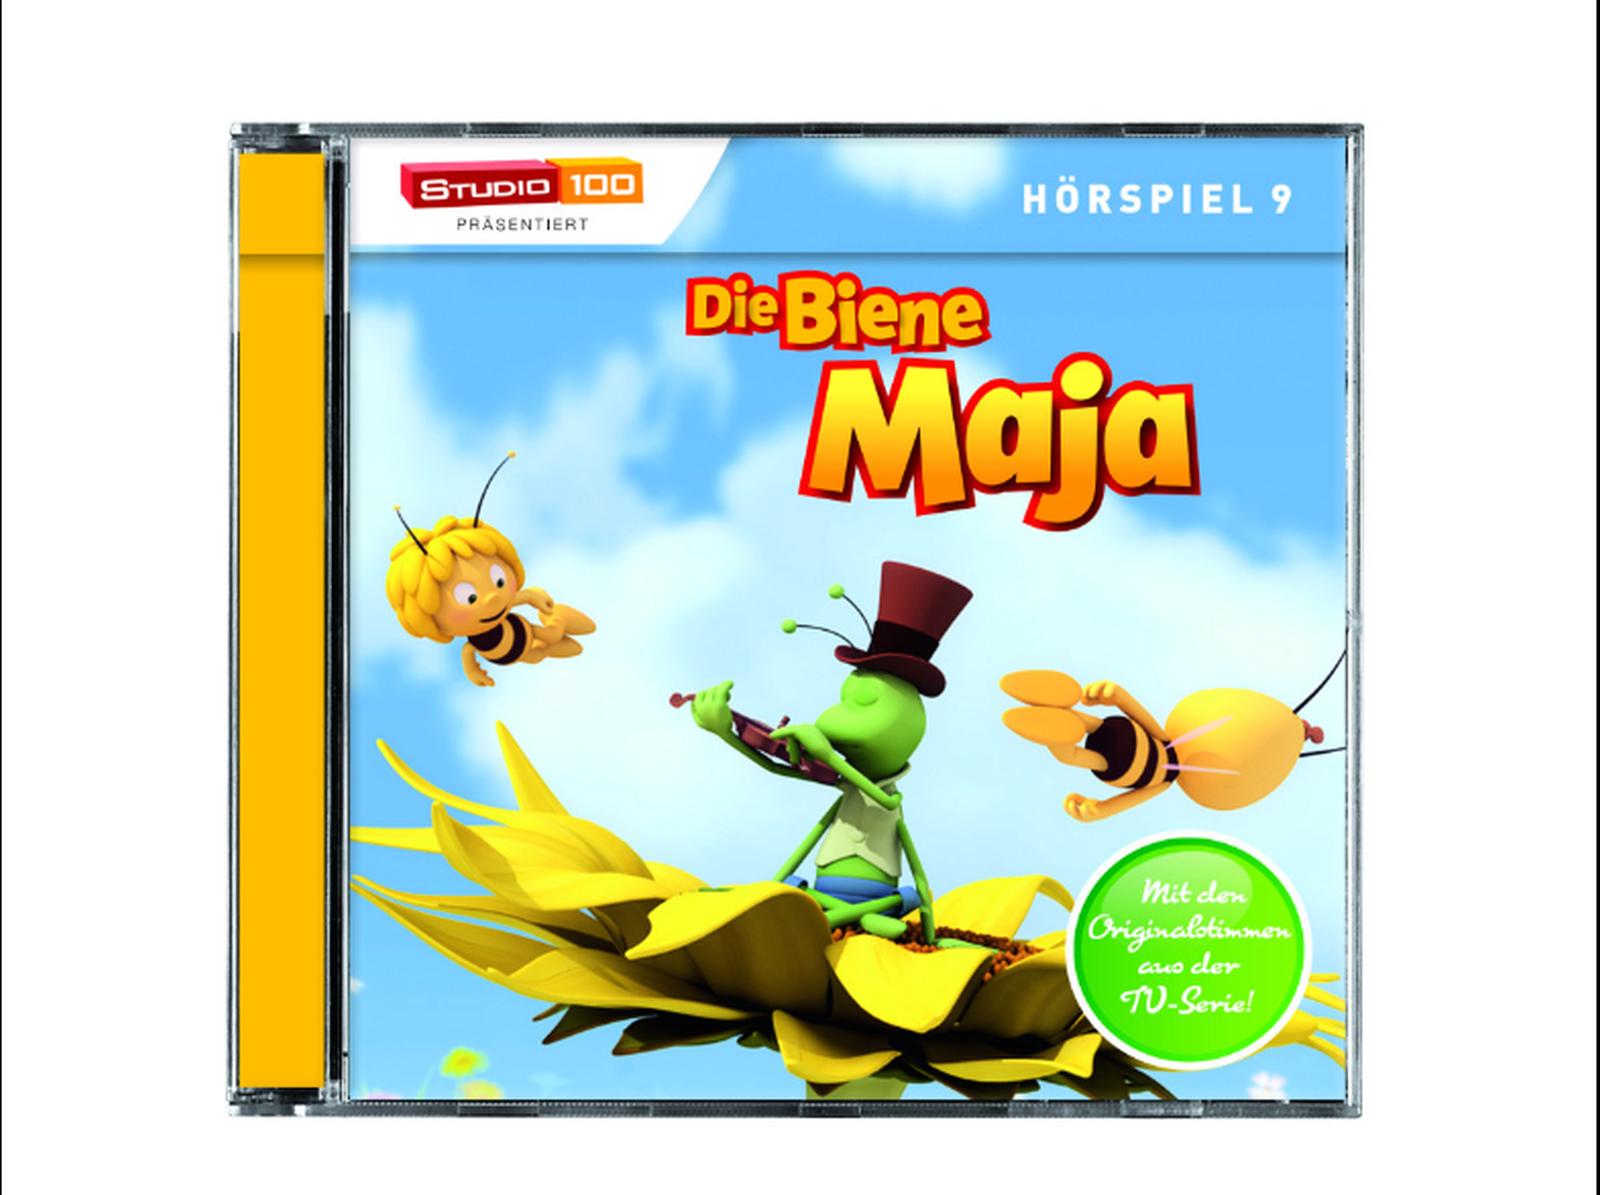 Die Biene Maja - Hörspiel 9 (Studio 100)